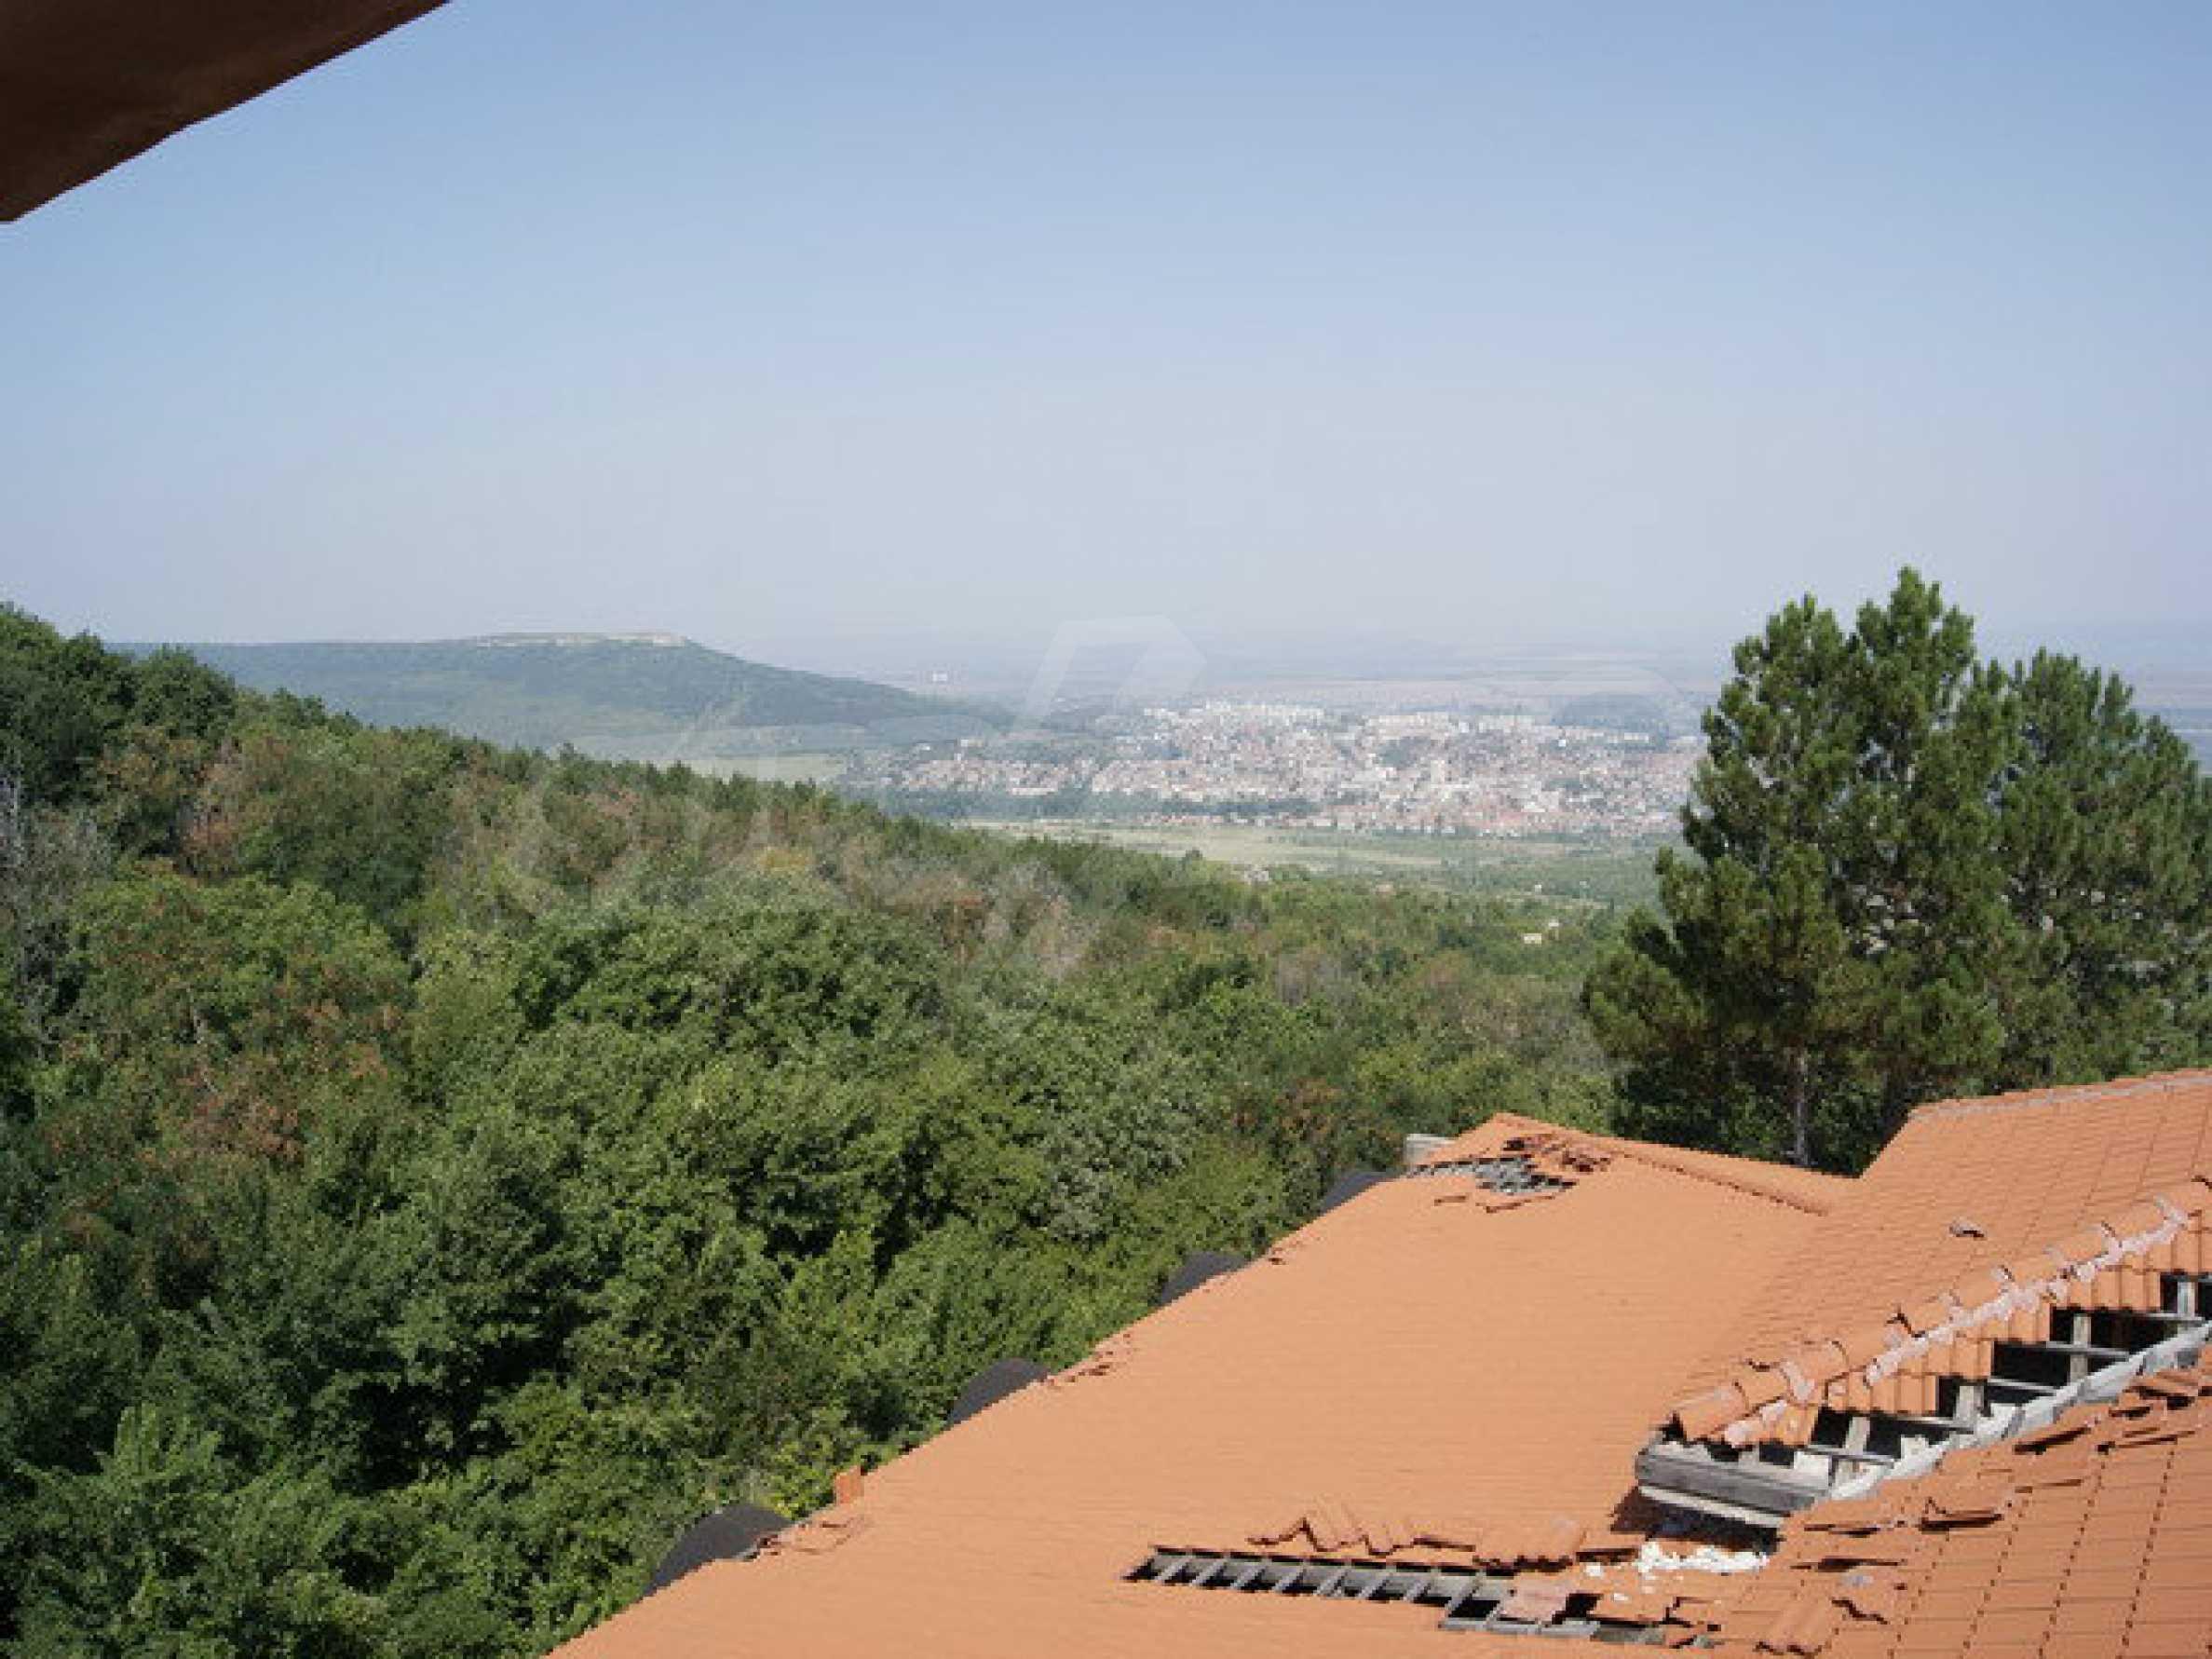 Raues Bauhotel mit herrlicher Aussicht in der Nähe von Veliko Tarnovo 13